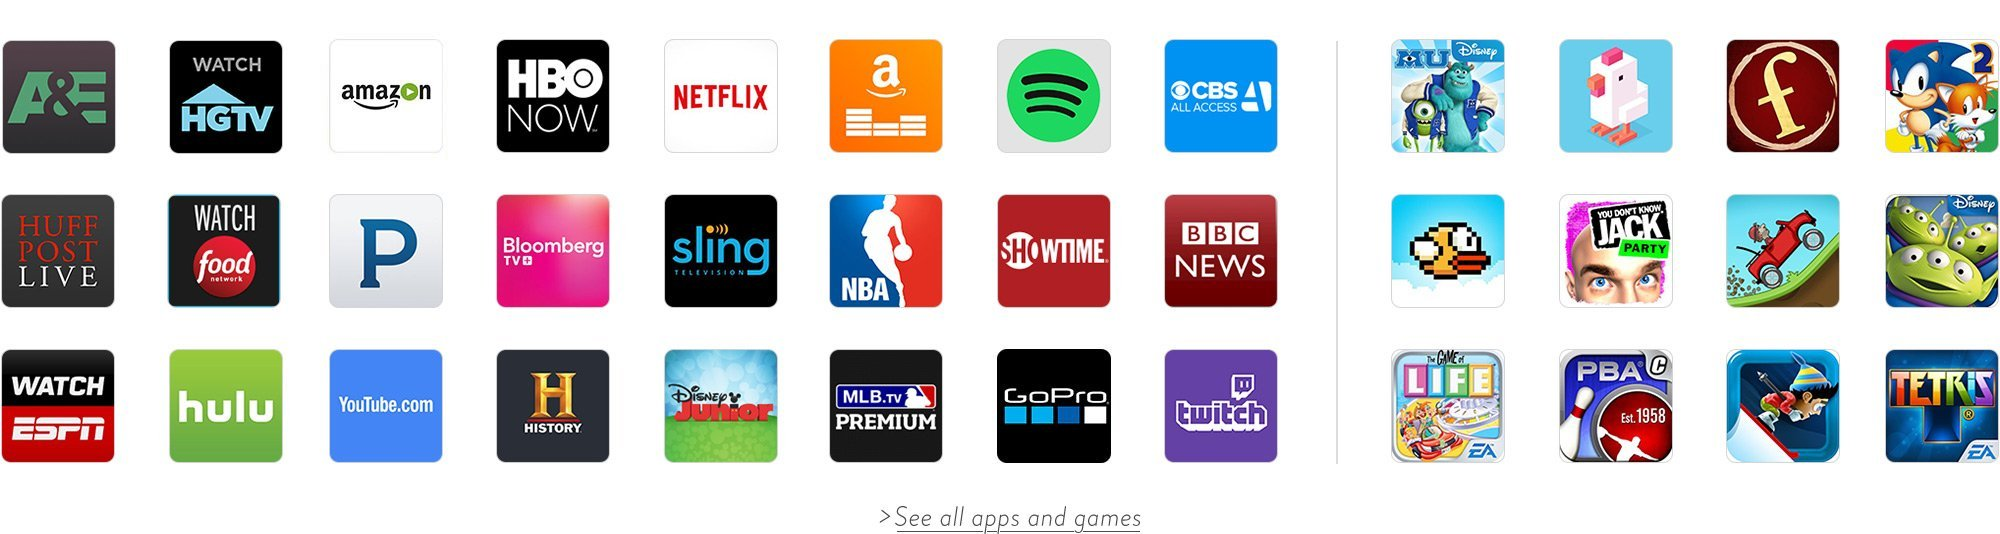 fire tv app list